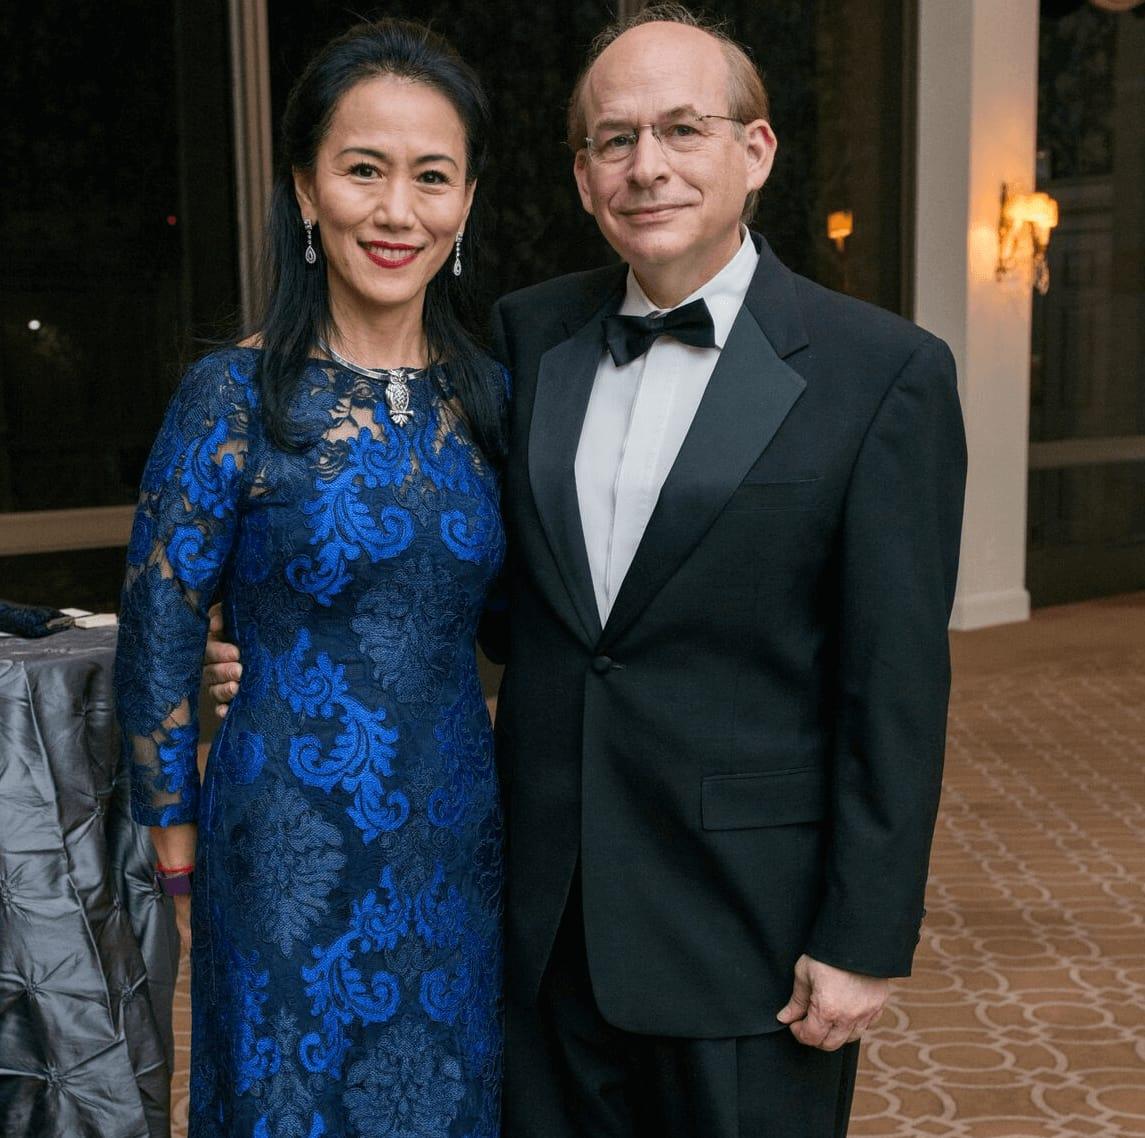 Y. Ping Sun, David W. Leebron at Rice Honors Gala